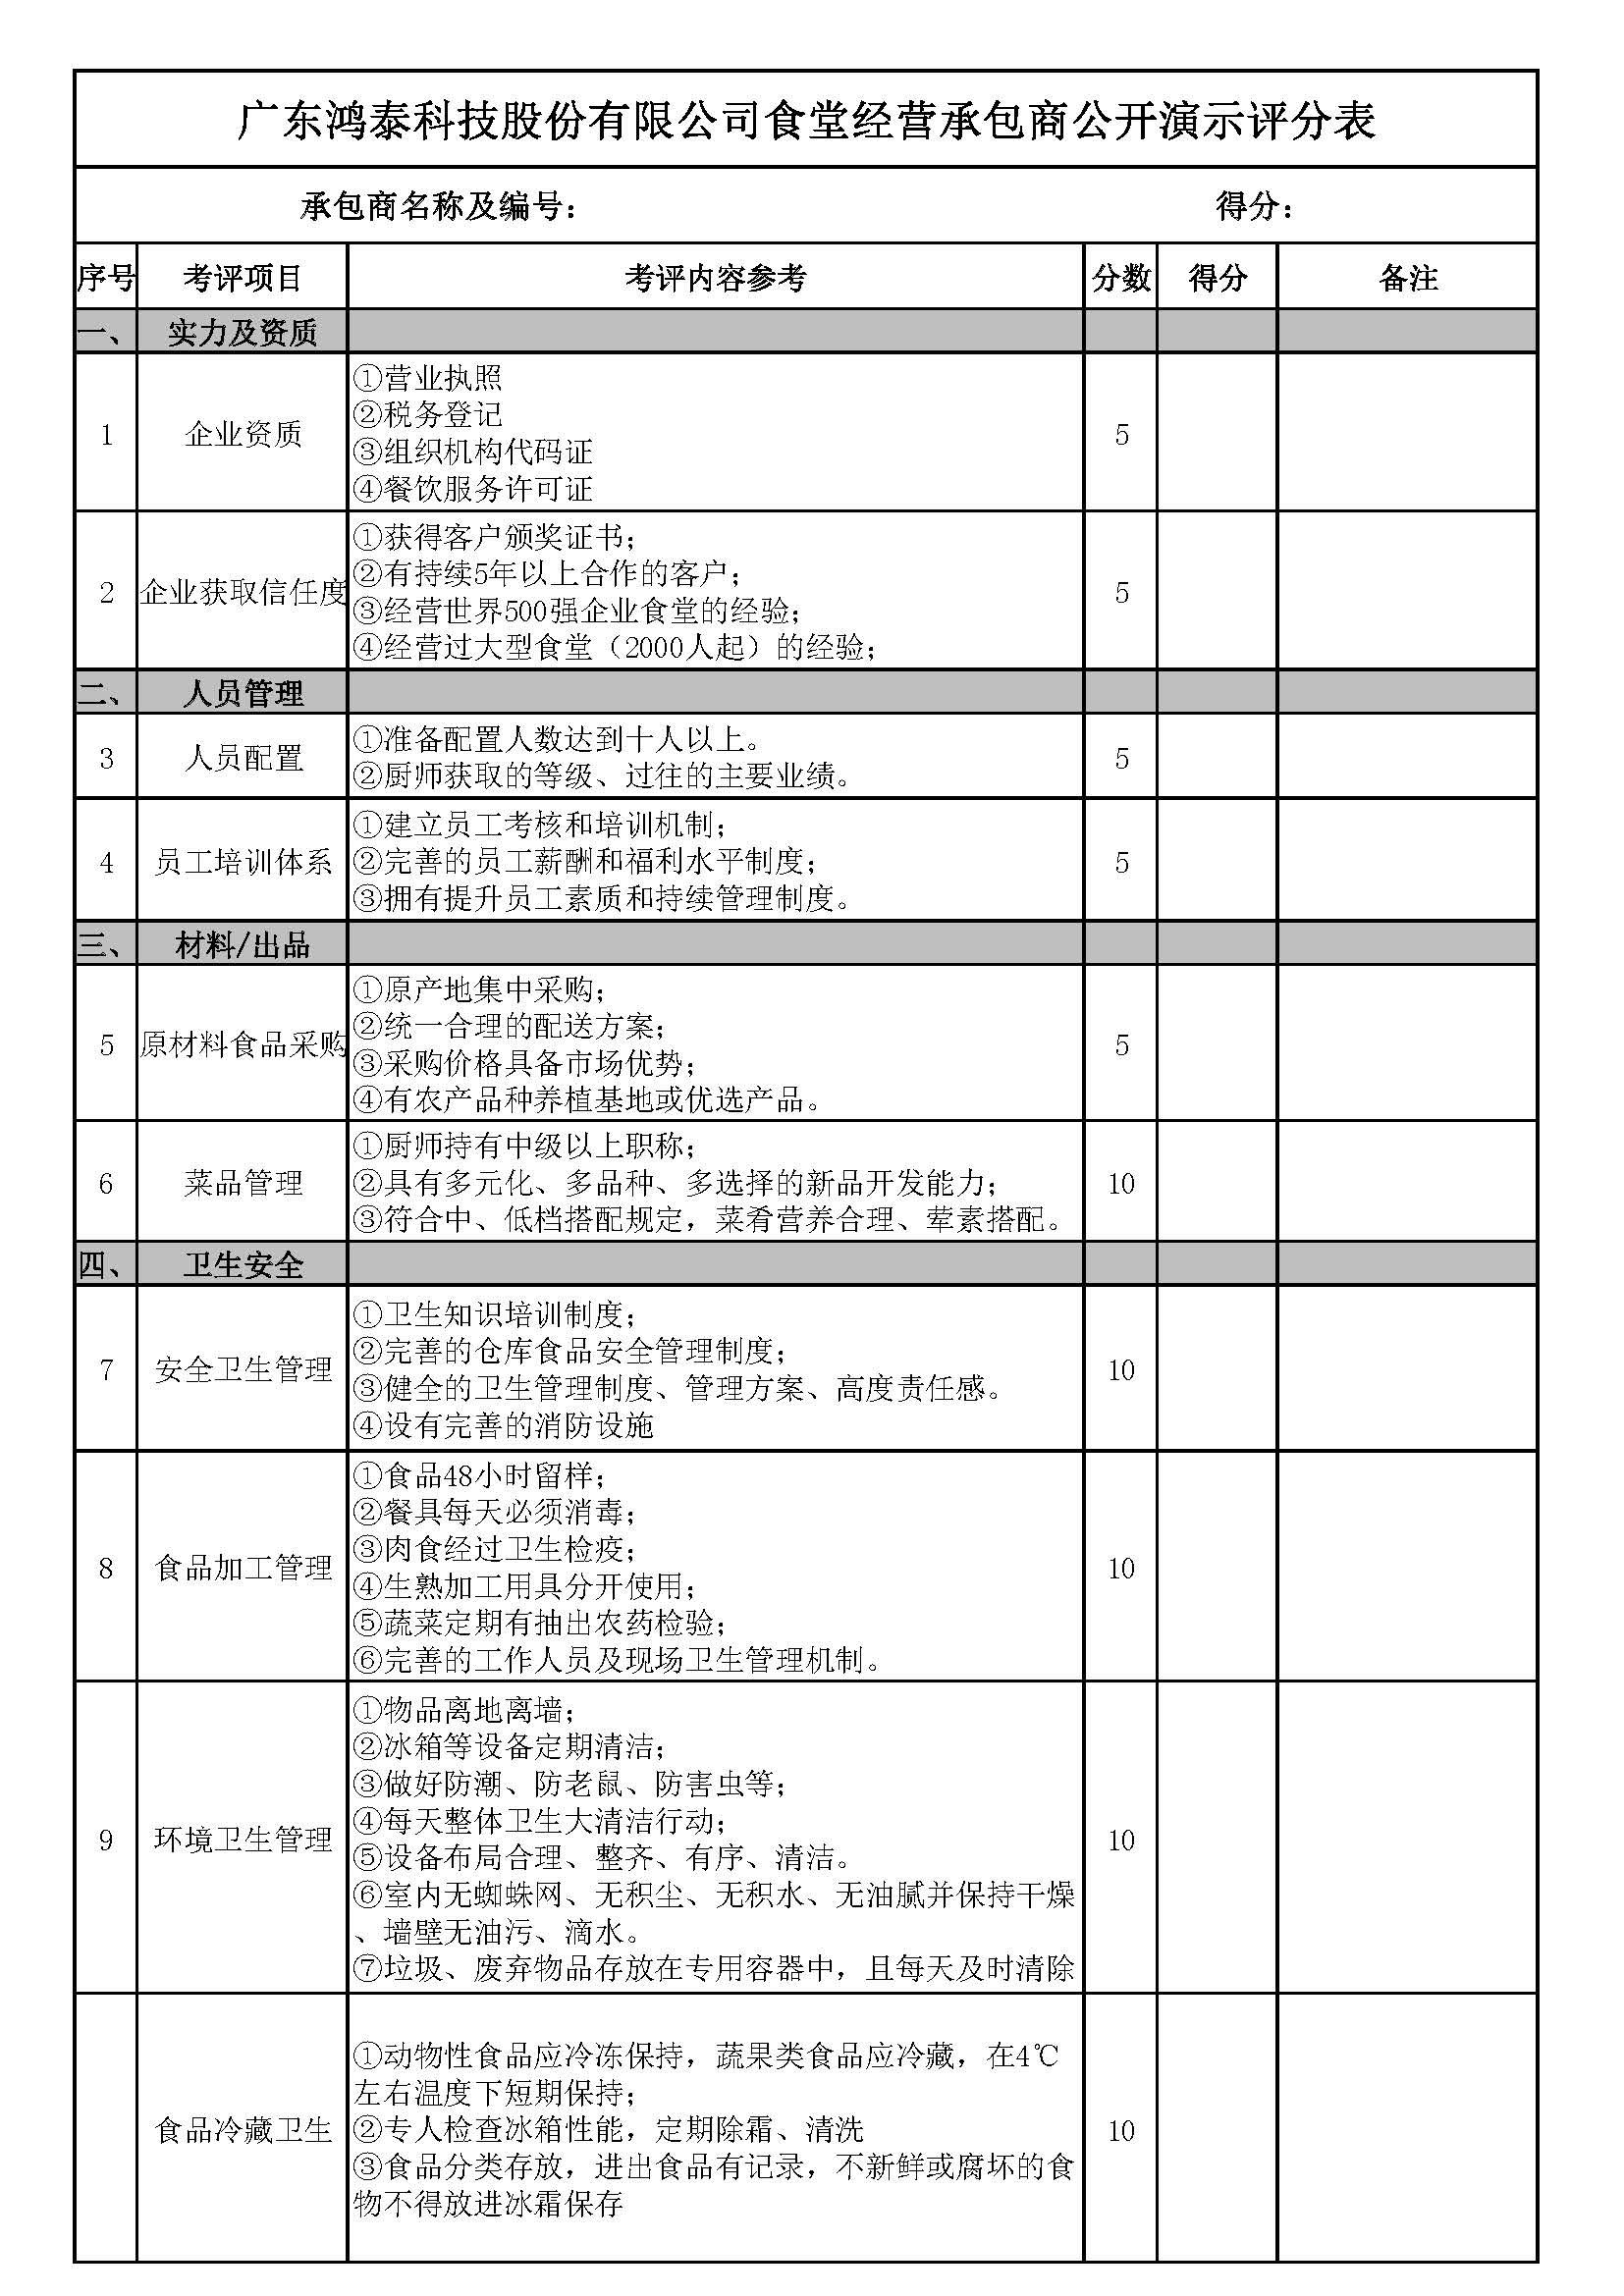 食堂经营承包商公开演示评分表(1)_页面_1.jpg